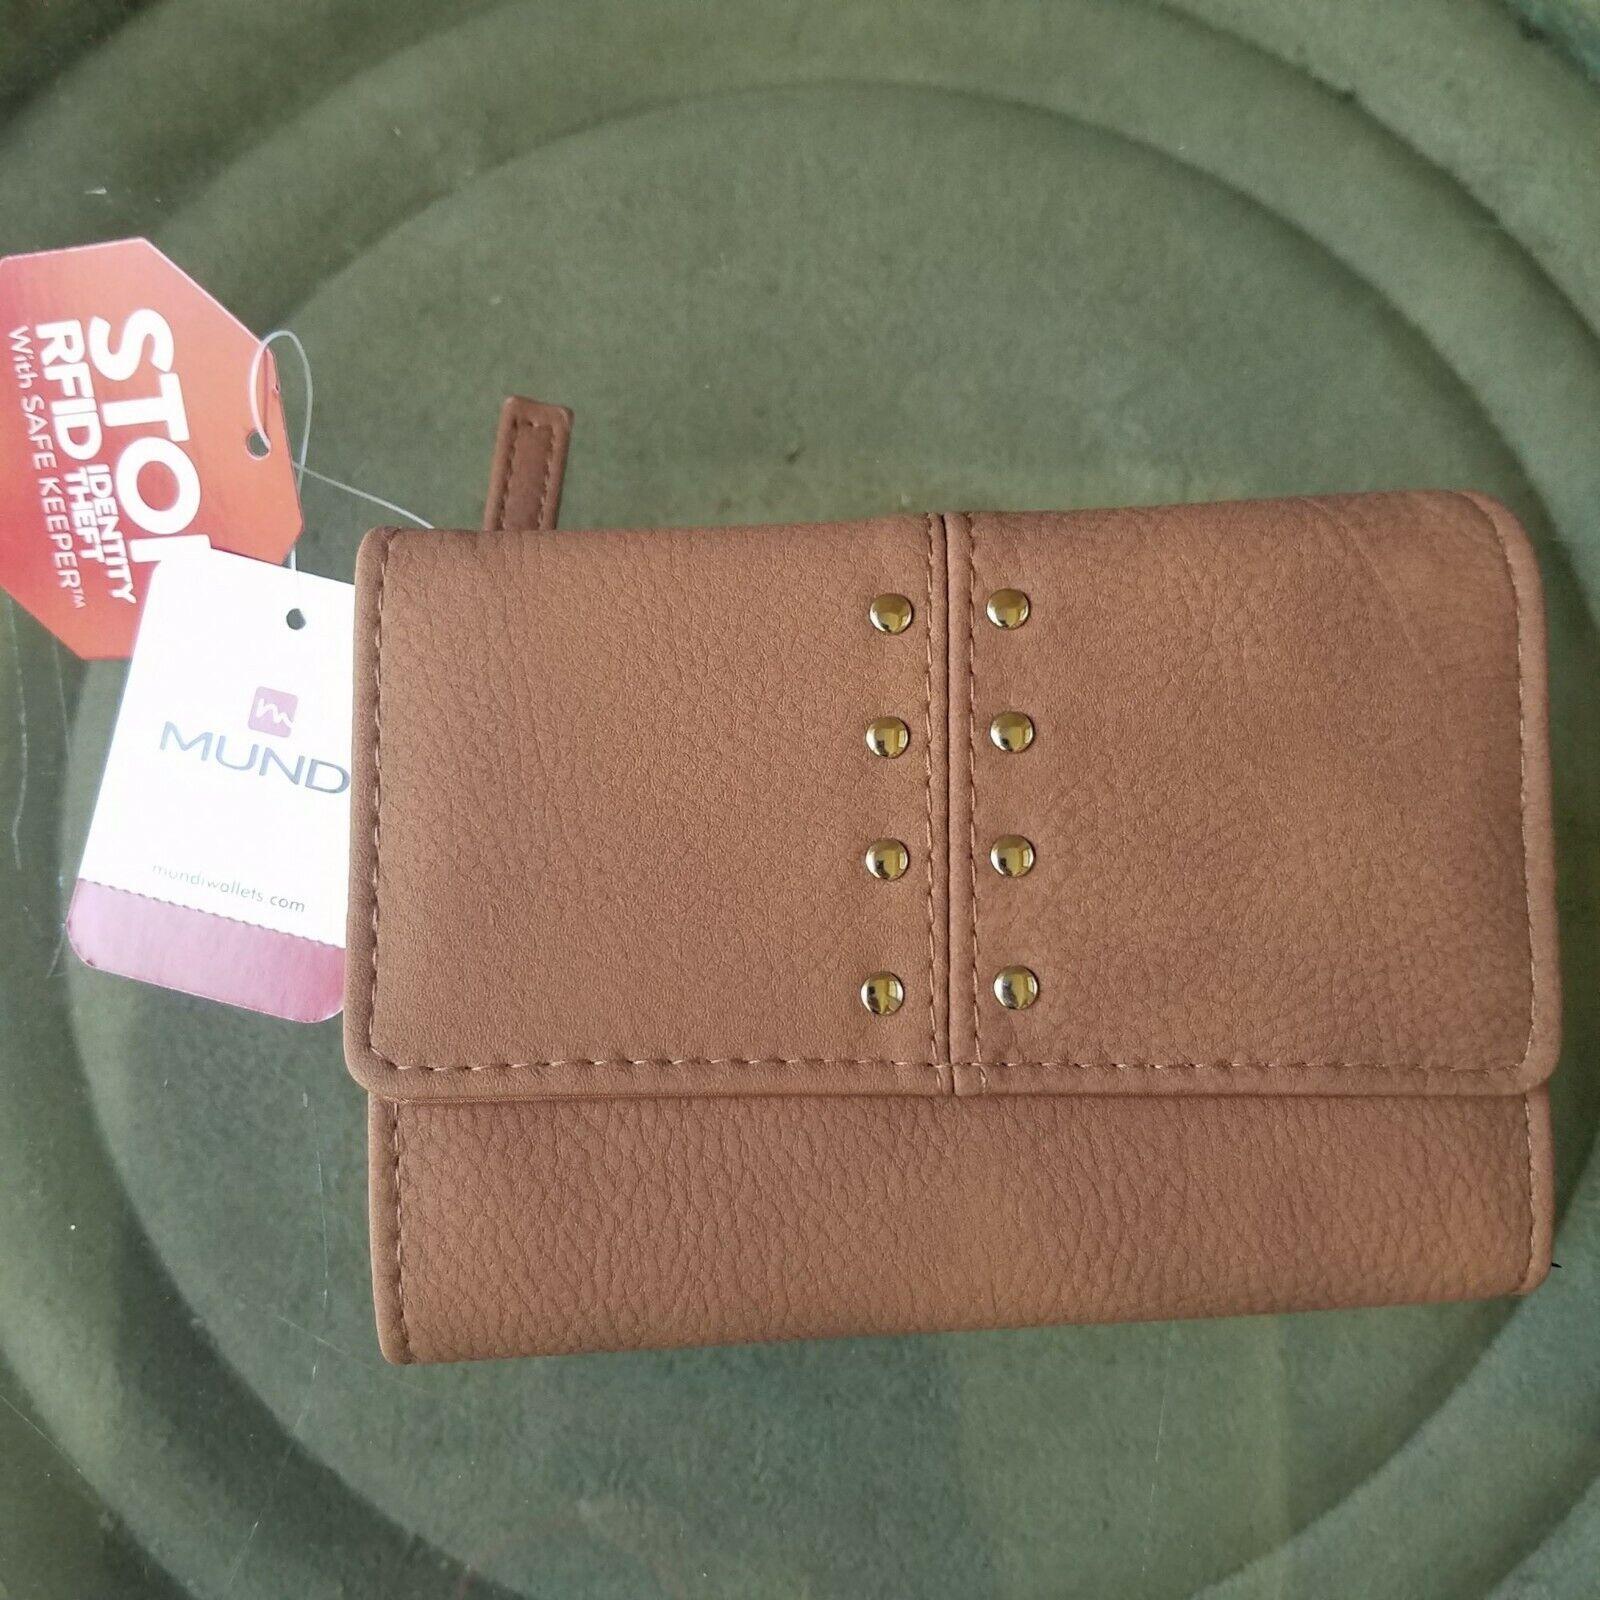 Mundi Wallet Safekeeper RFID Blocking Small Brown